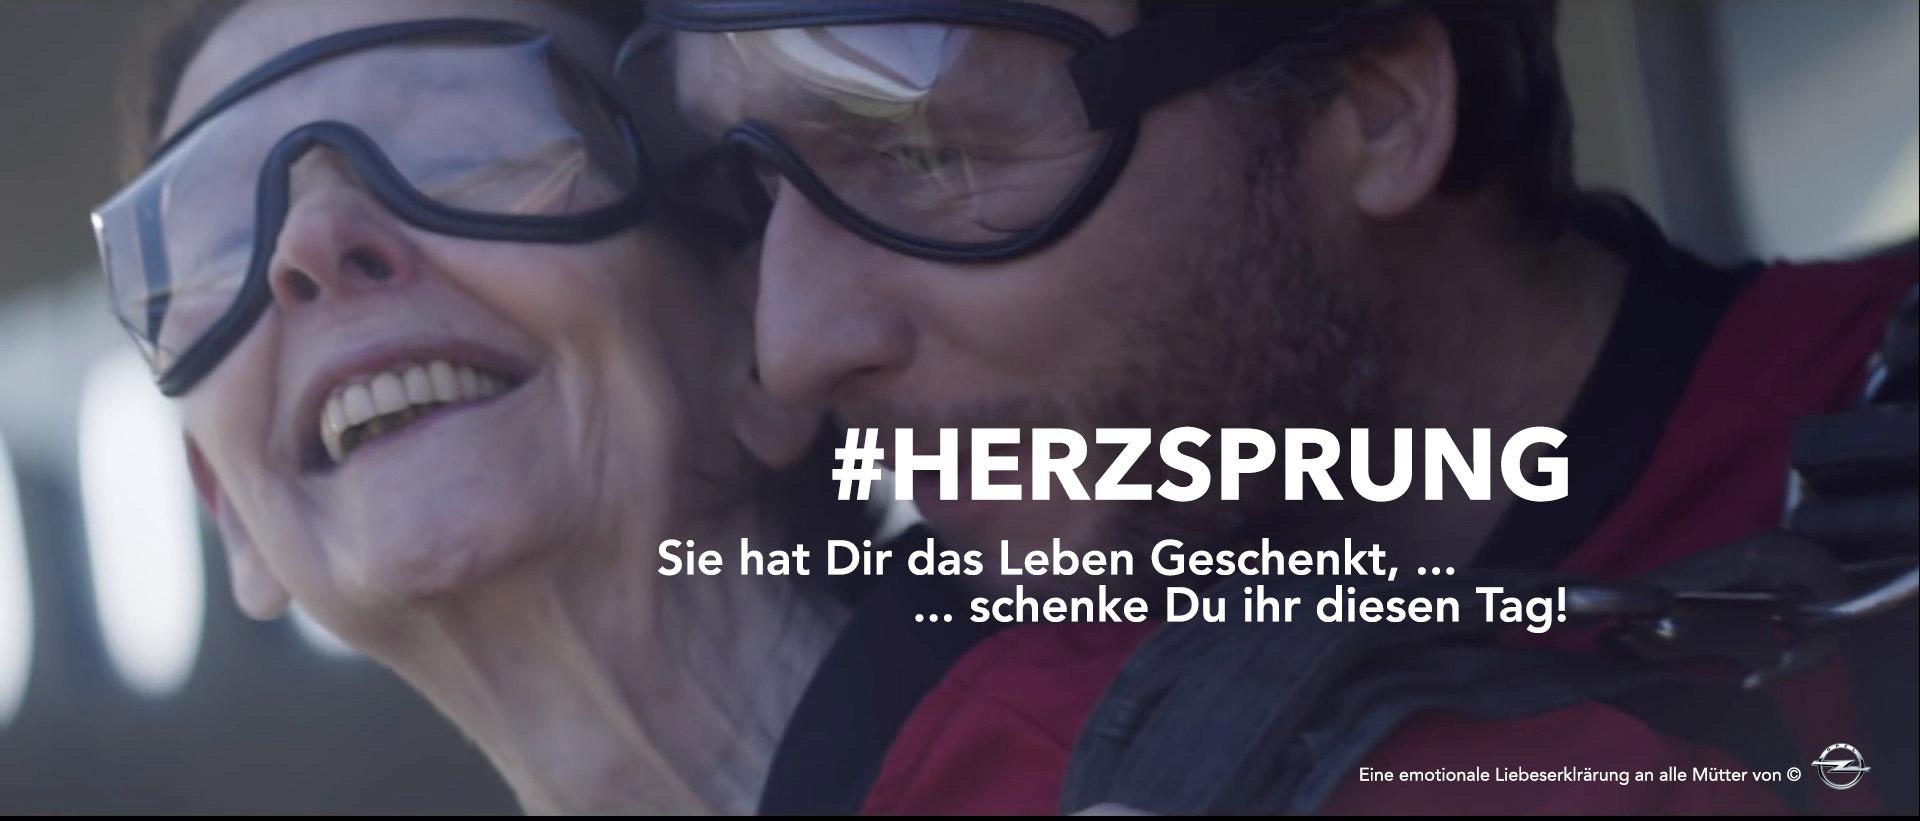 Opel verschenkt zum Muttertag große Emotionen #Herzsprung @Twitter © Opel (Liebe macht alles möglich)